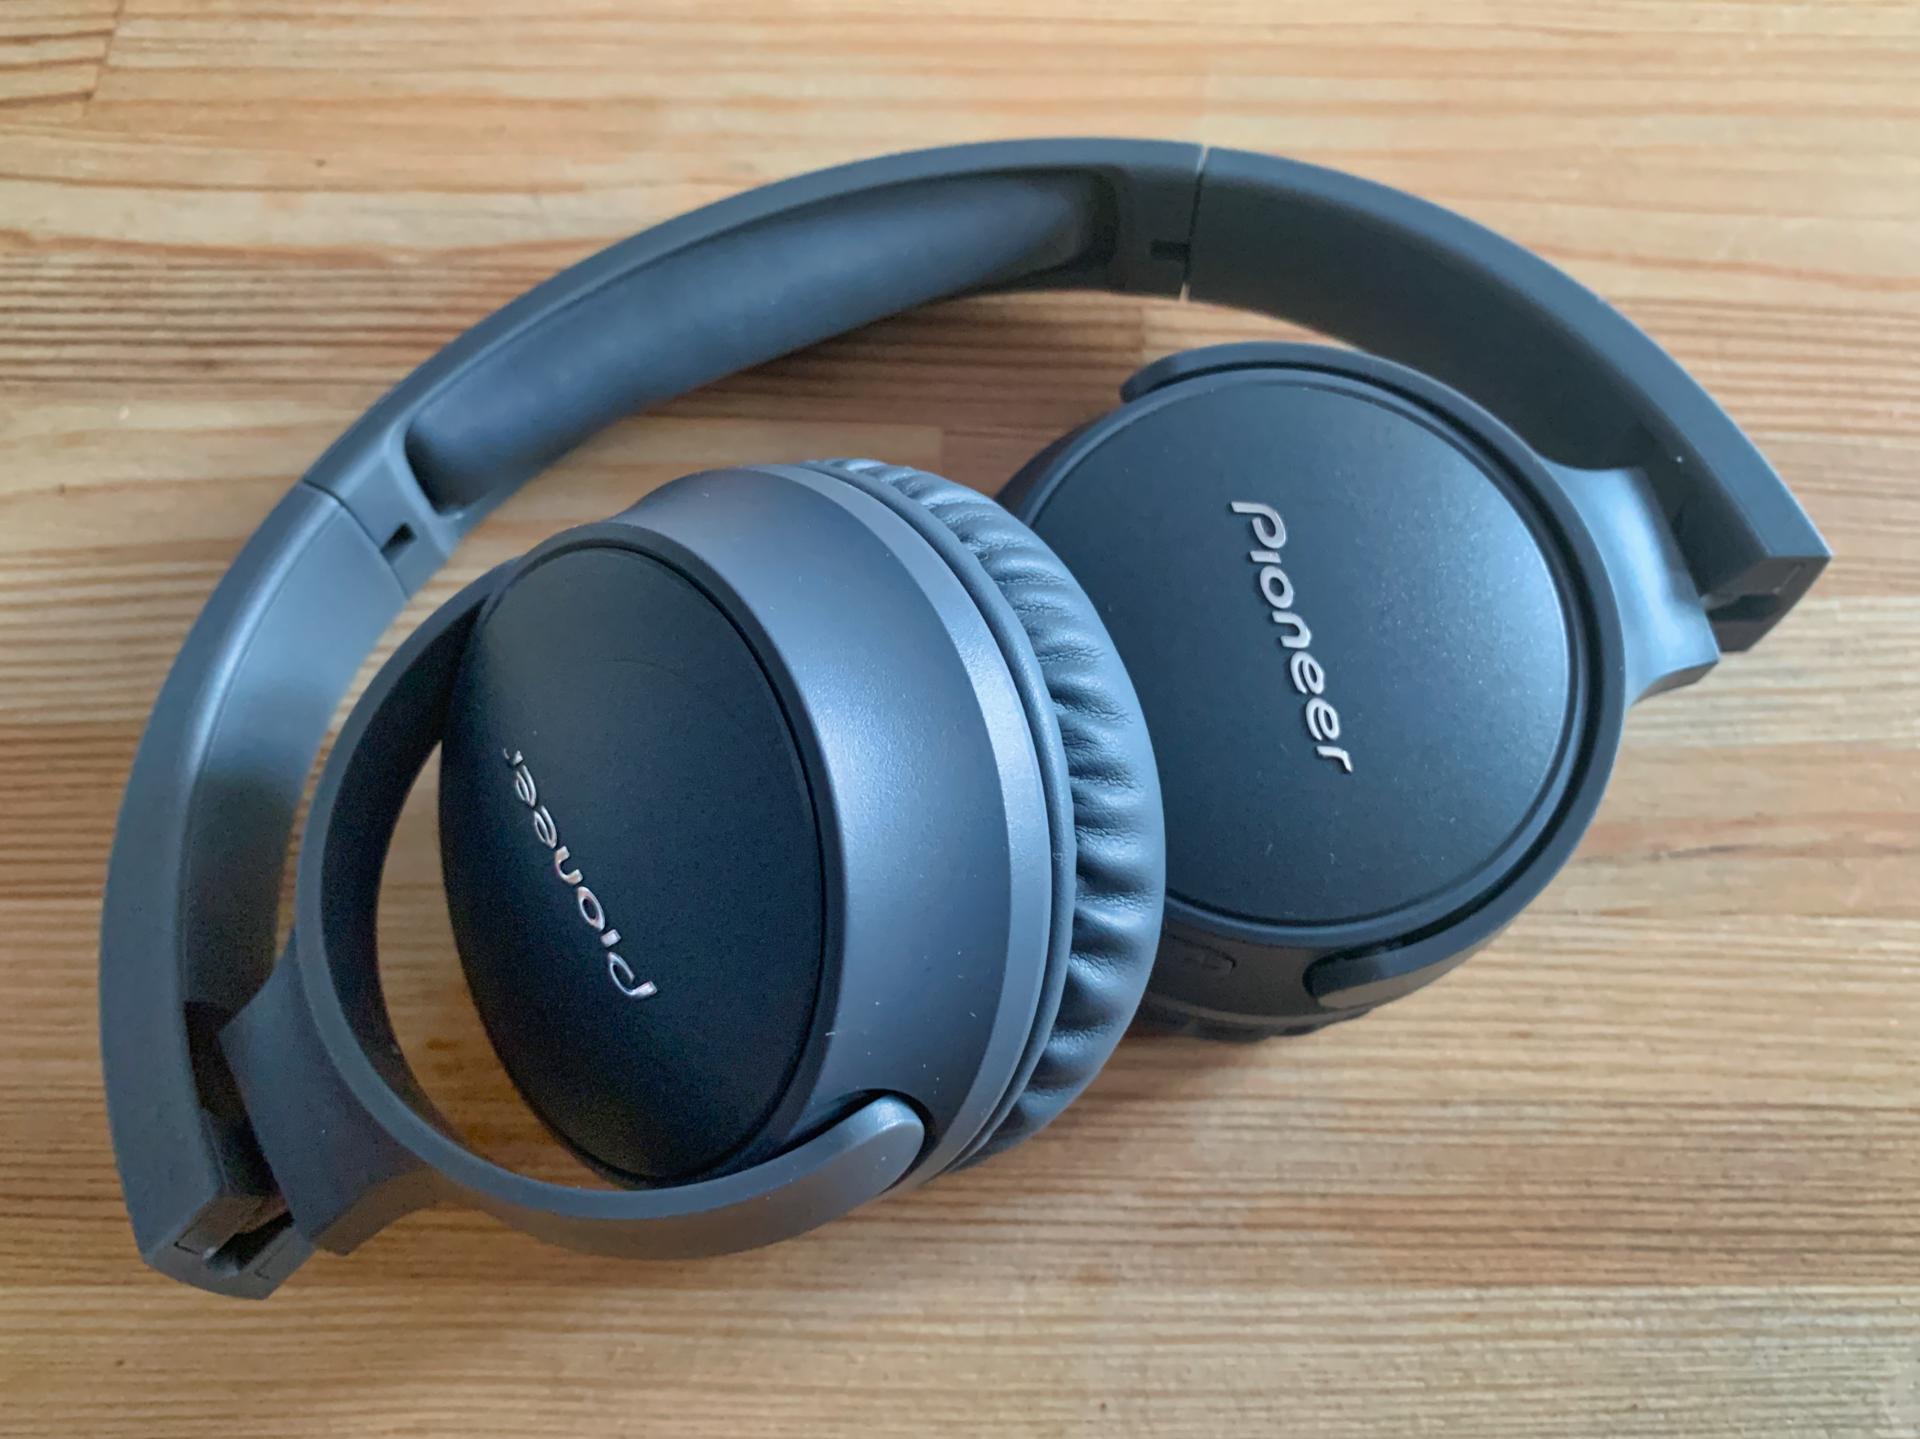 Pioneer S6 słuchawki wireless z noice cancelingiem